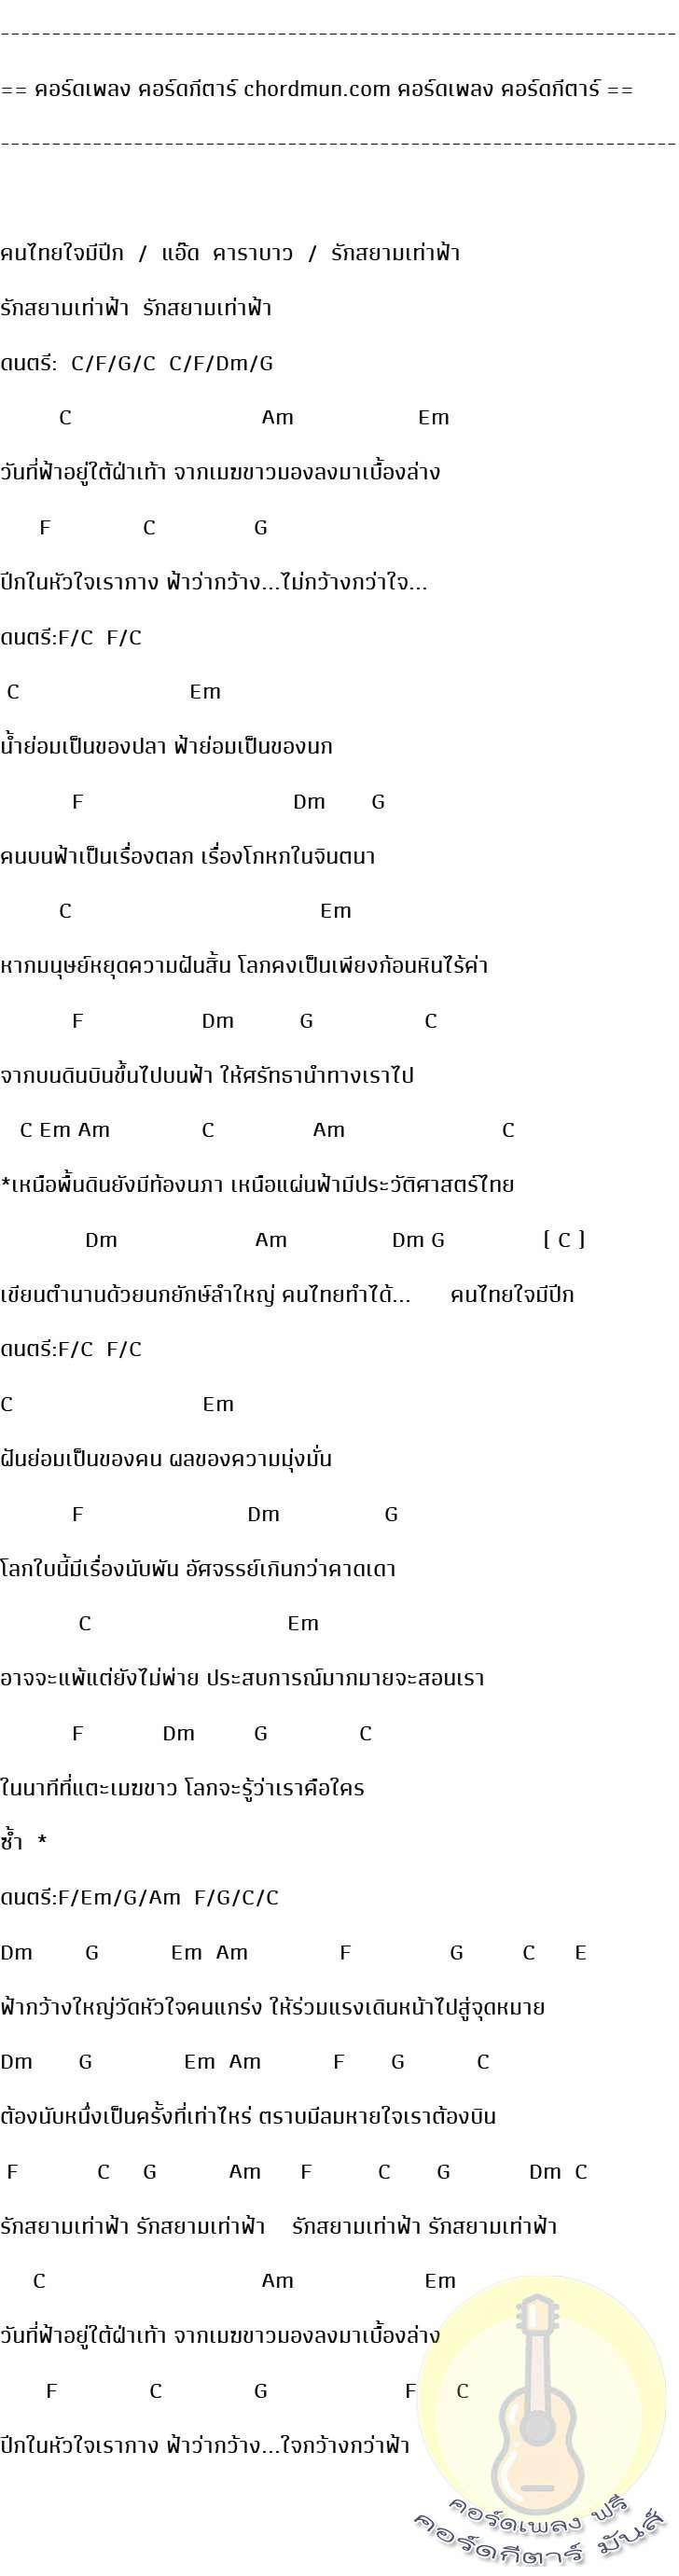 คอร์ดเพลงง่ายๆ  เพลง คนไทยใจมีปีก / รักสยามเท่าฟ้า